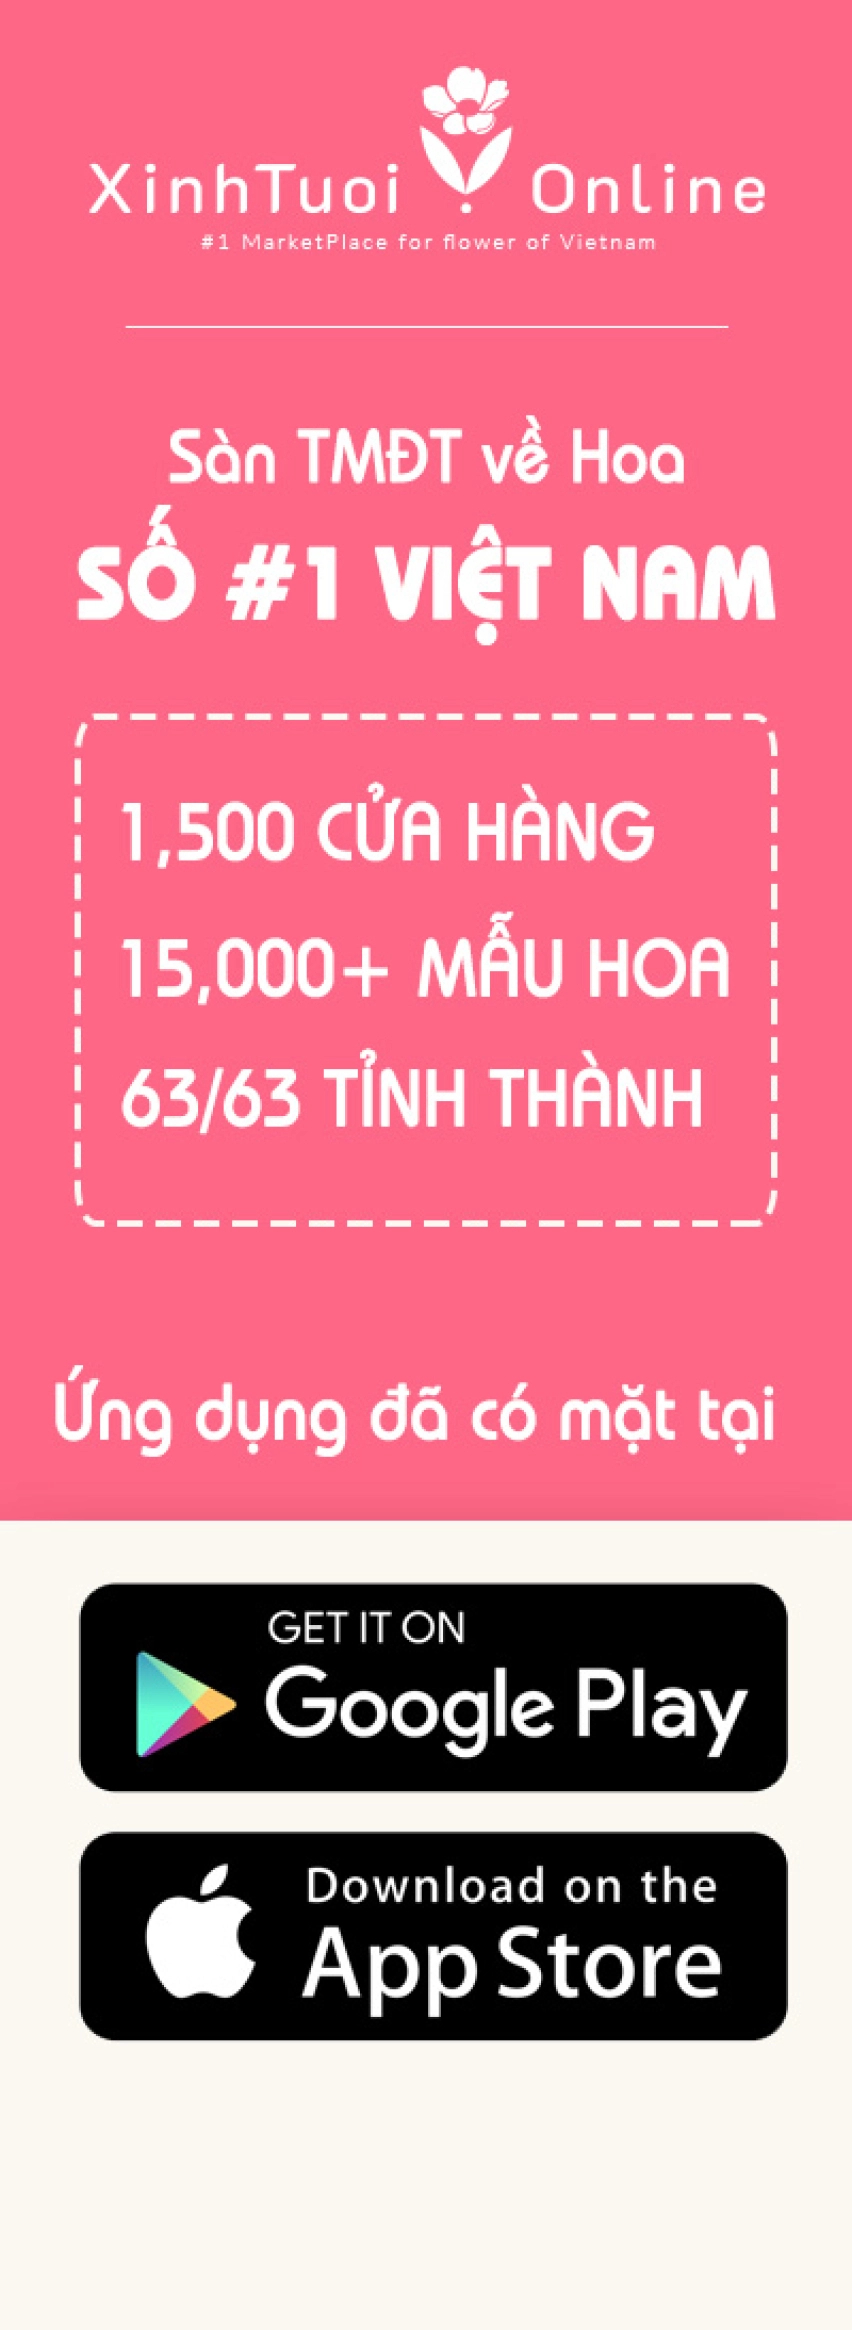 Xinh Tươi Online - Sàn TMĐT Về Hoa Số #1 Việt Nam